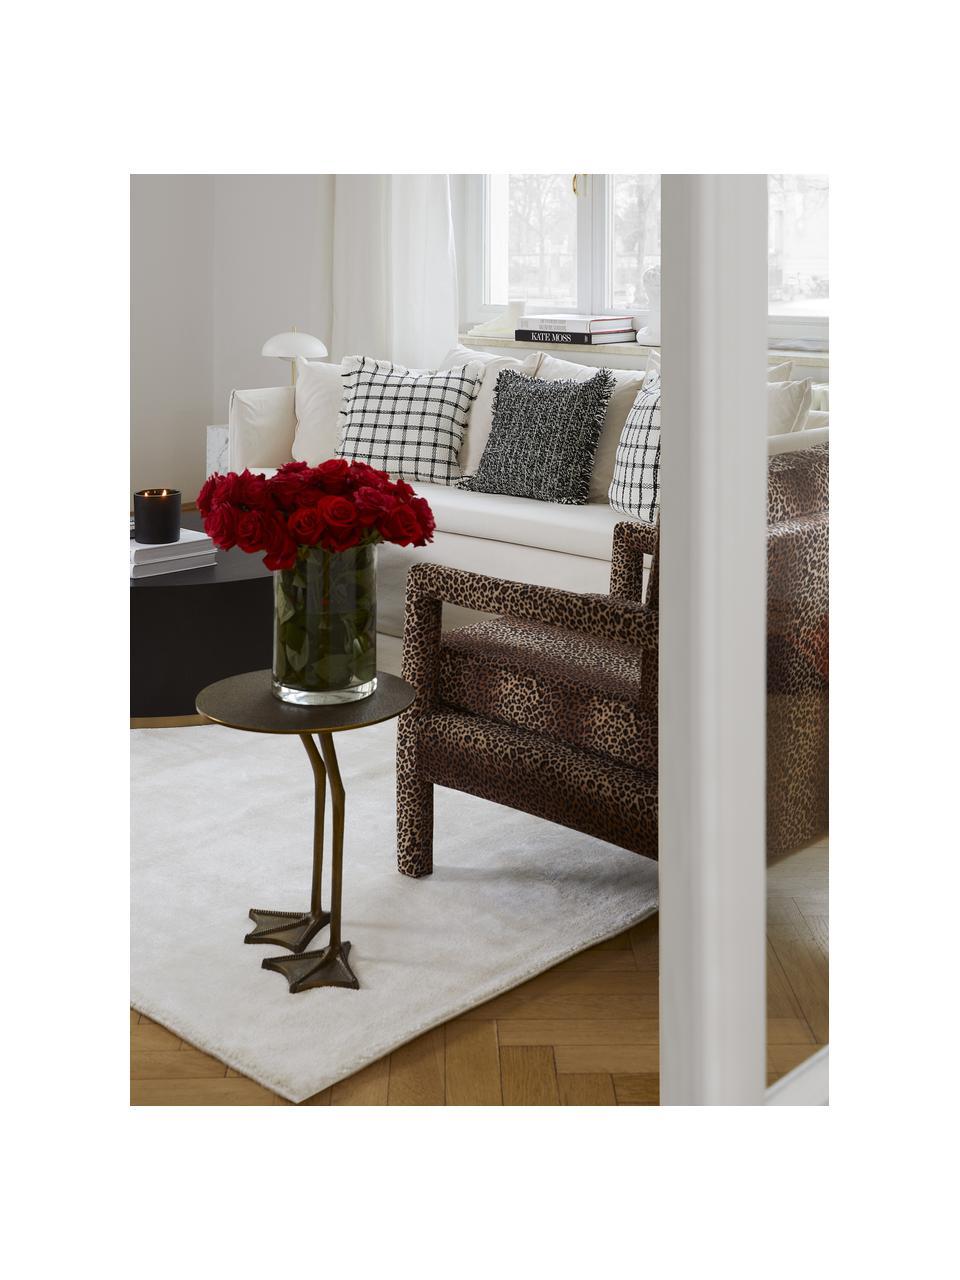 Schimmernder Viskoseteppich Grace in Premium-Qualität, extra weich, Flor: 100% Viskose, Cremeweiß, B 200 x L 300 cm (Größe L)